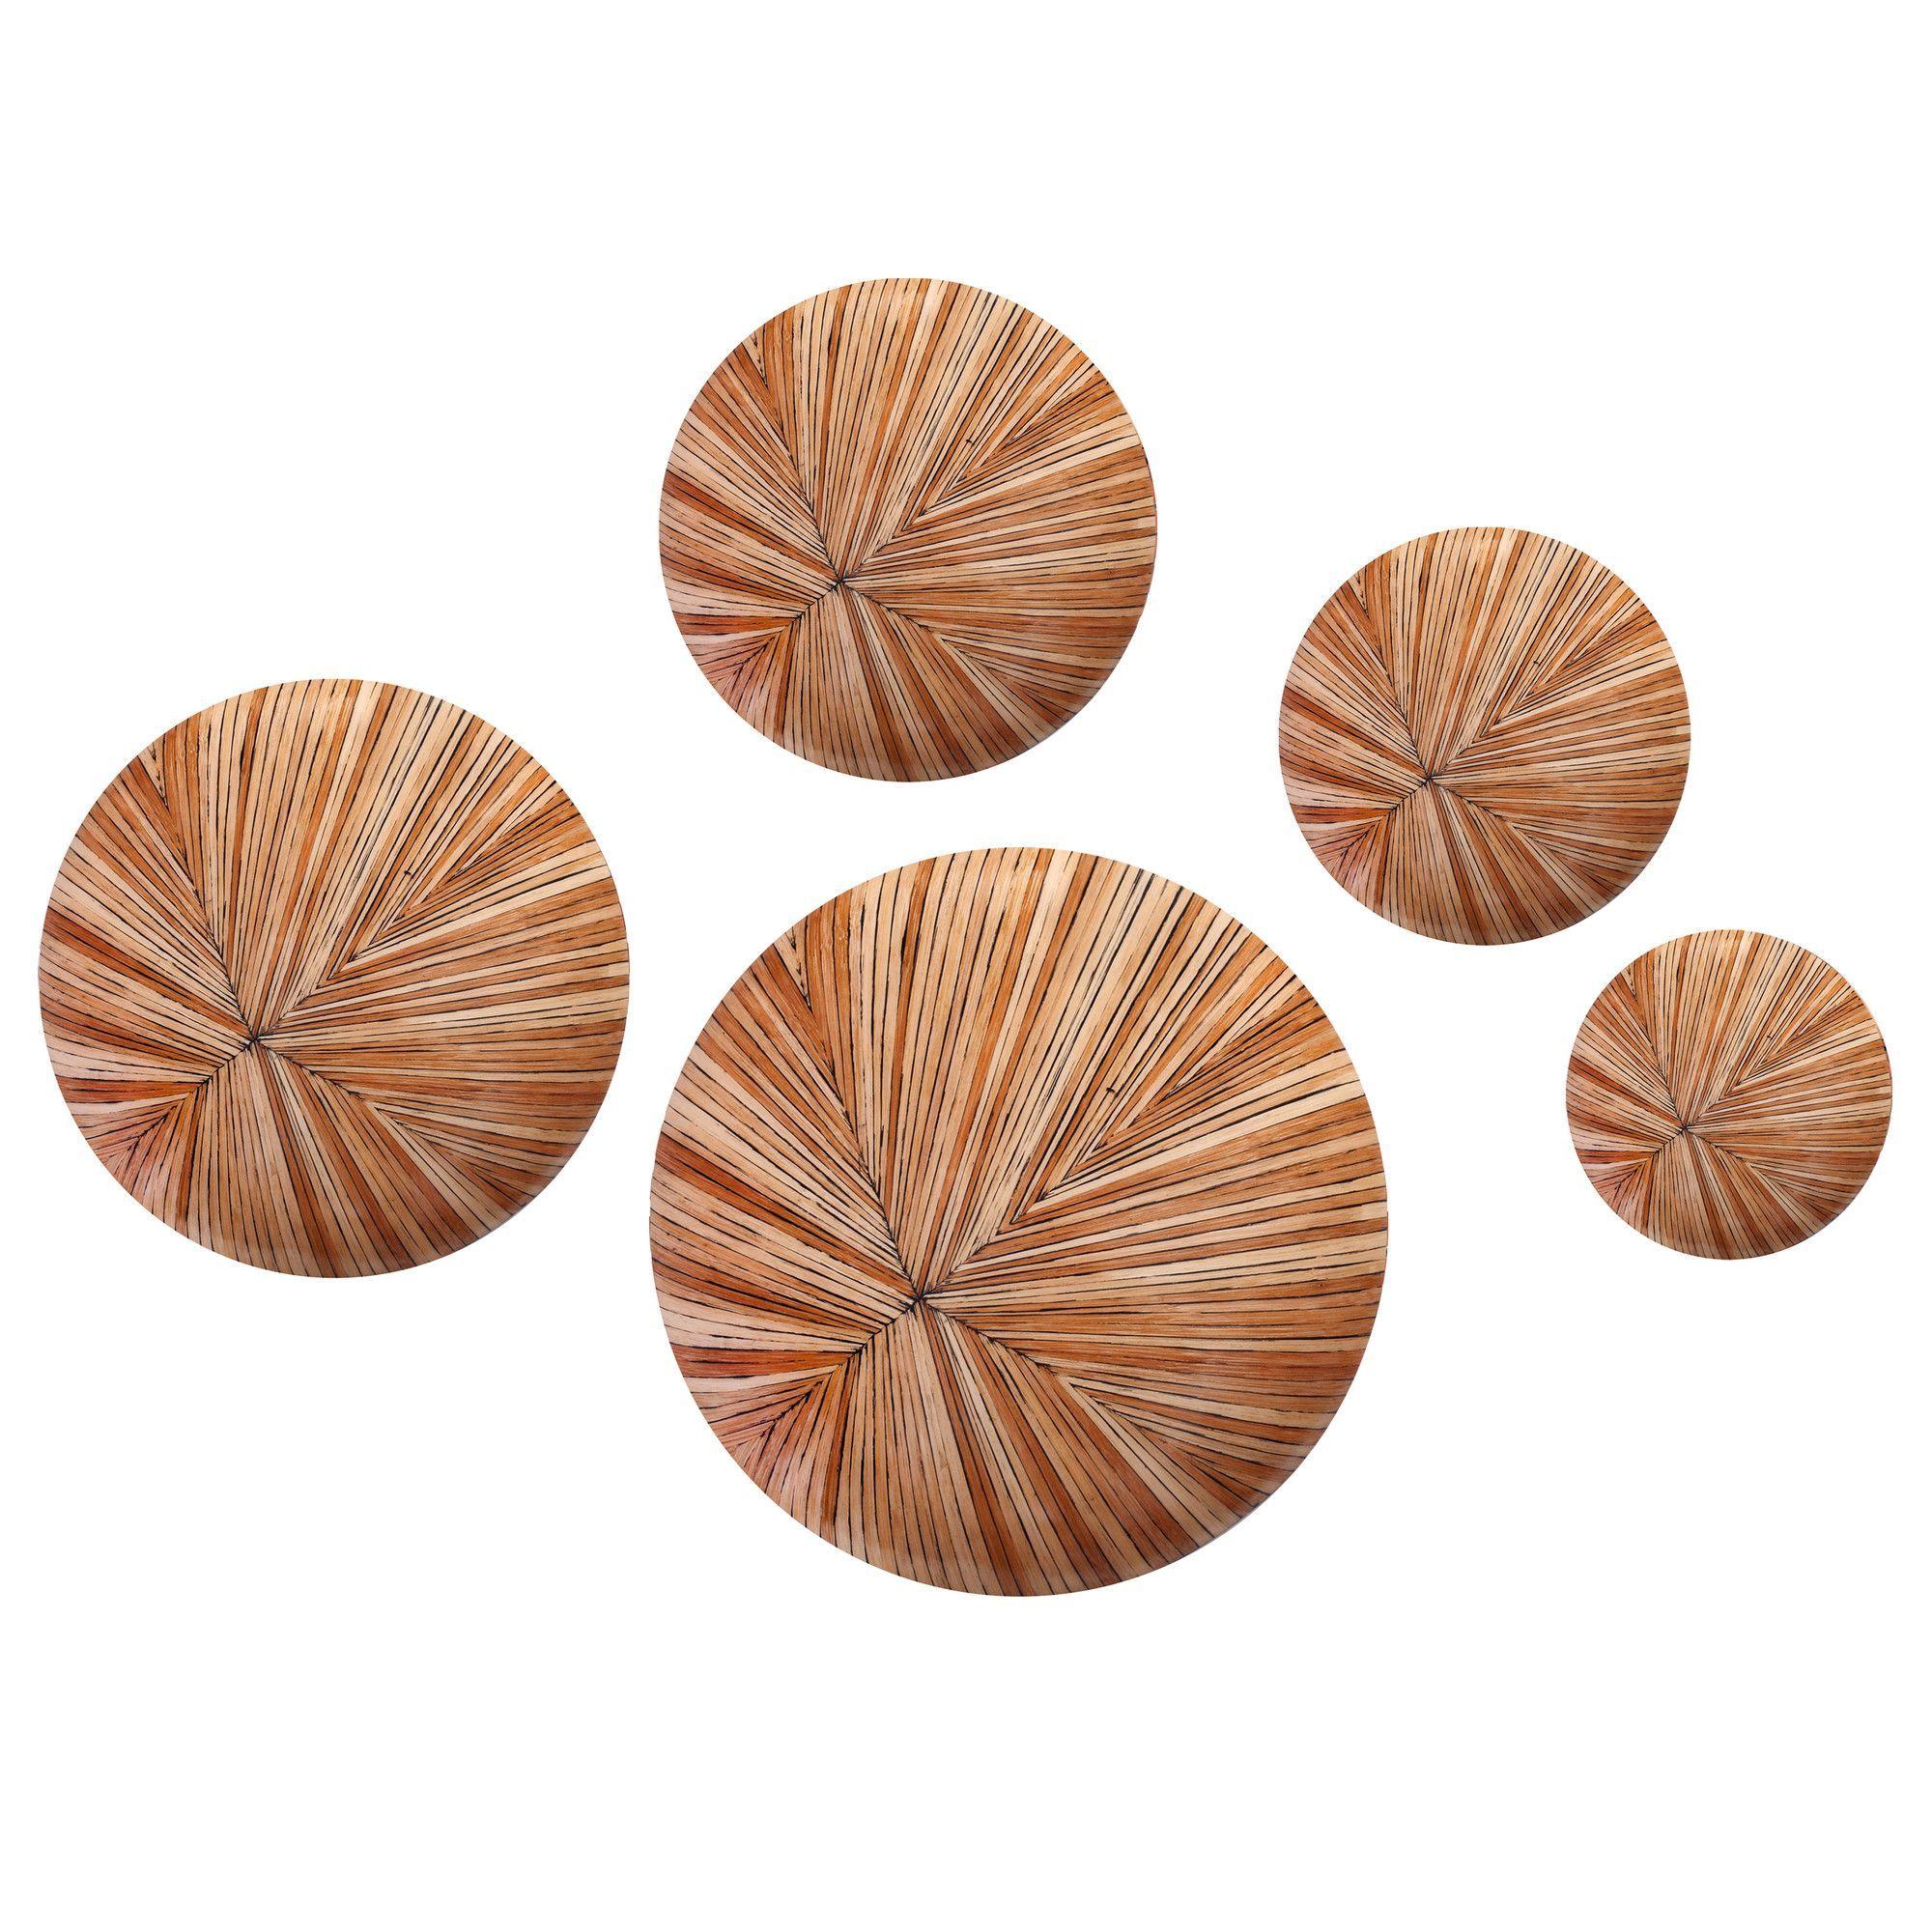 5 Piece Buga Wall Décor Button Set